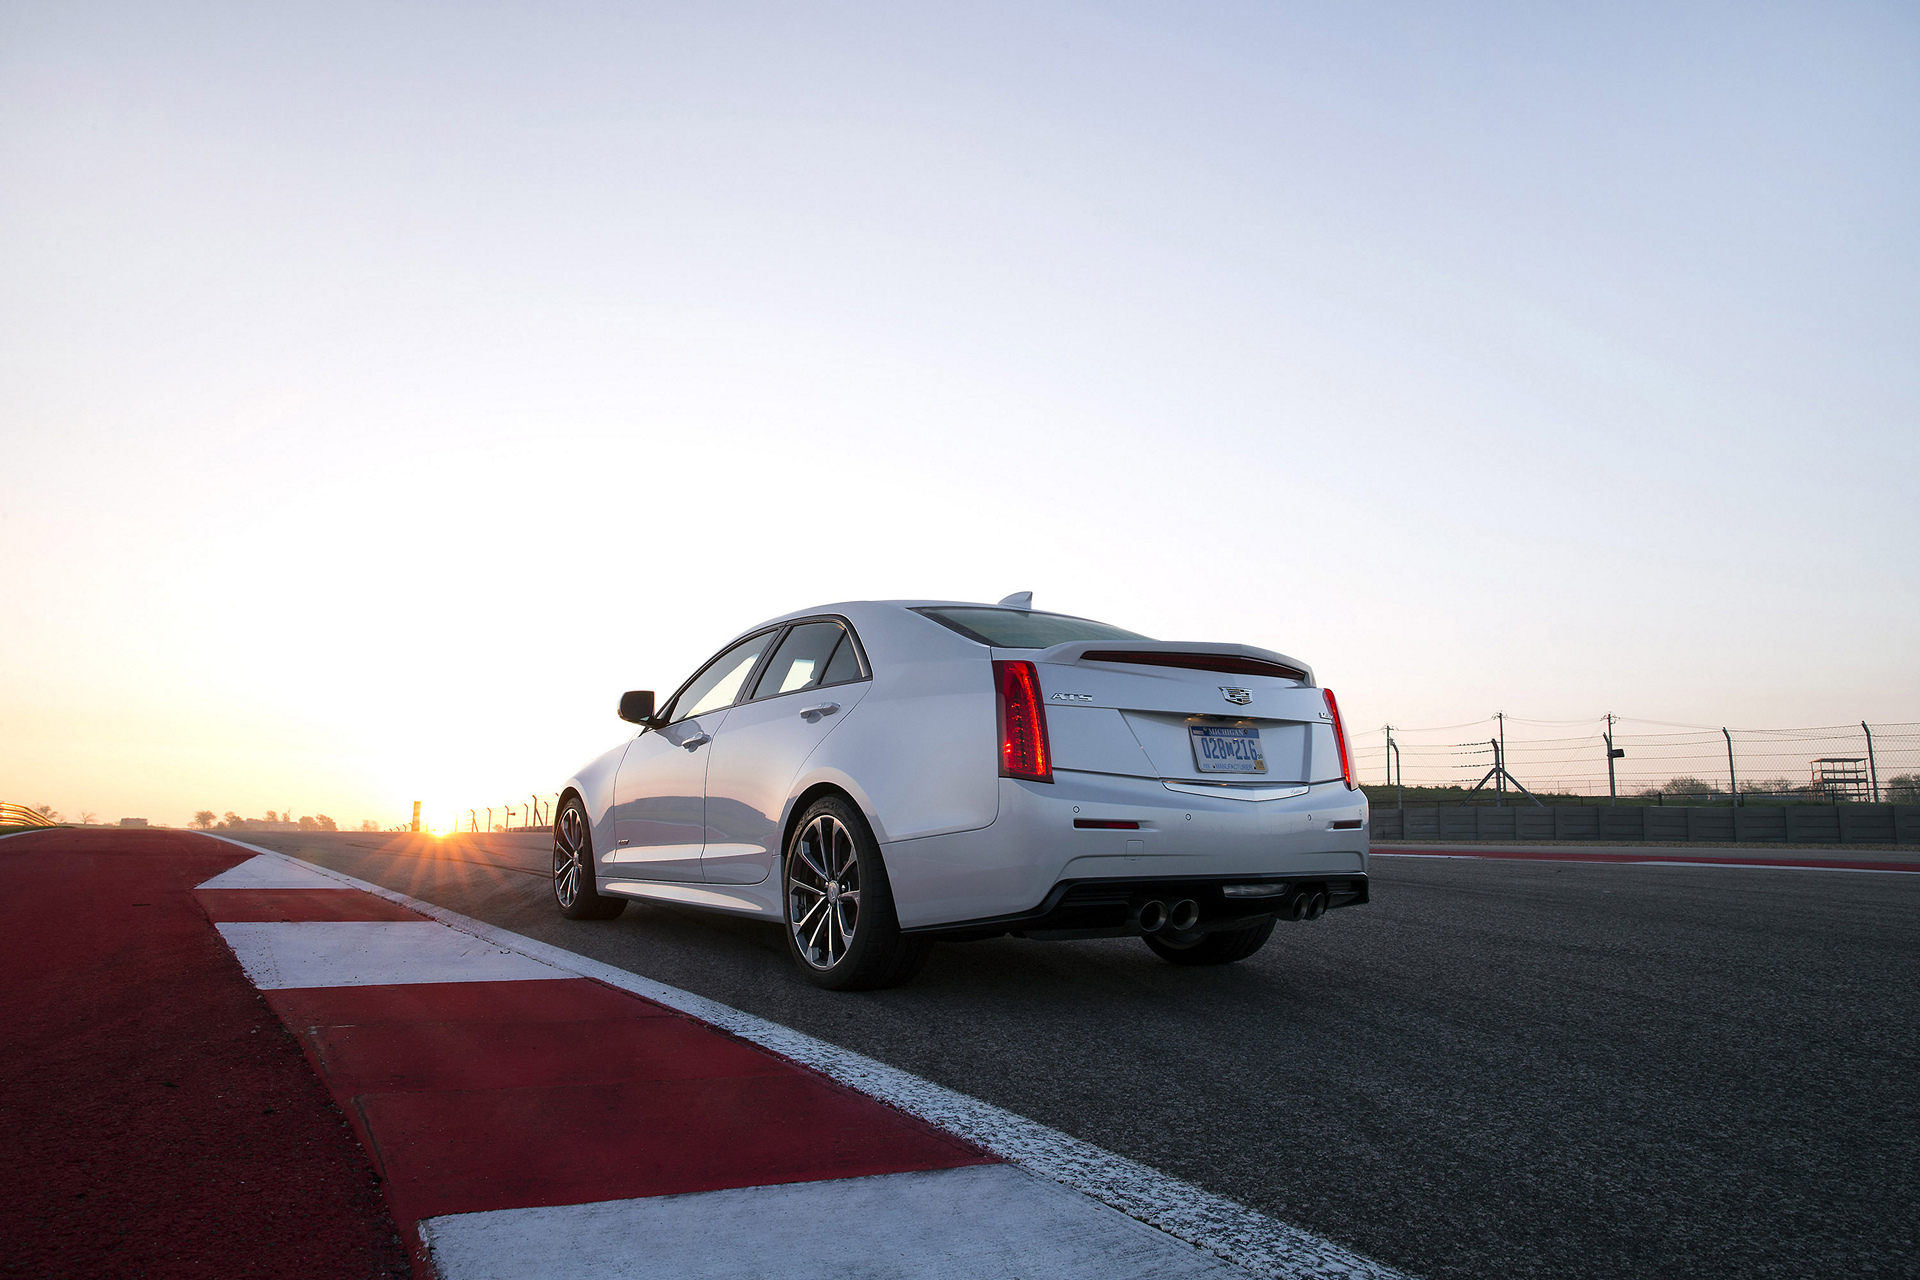 2016 Cadillac Ats V Review Carrrs Auto Portal